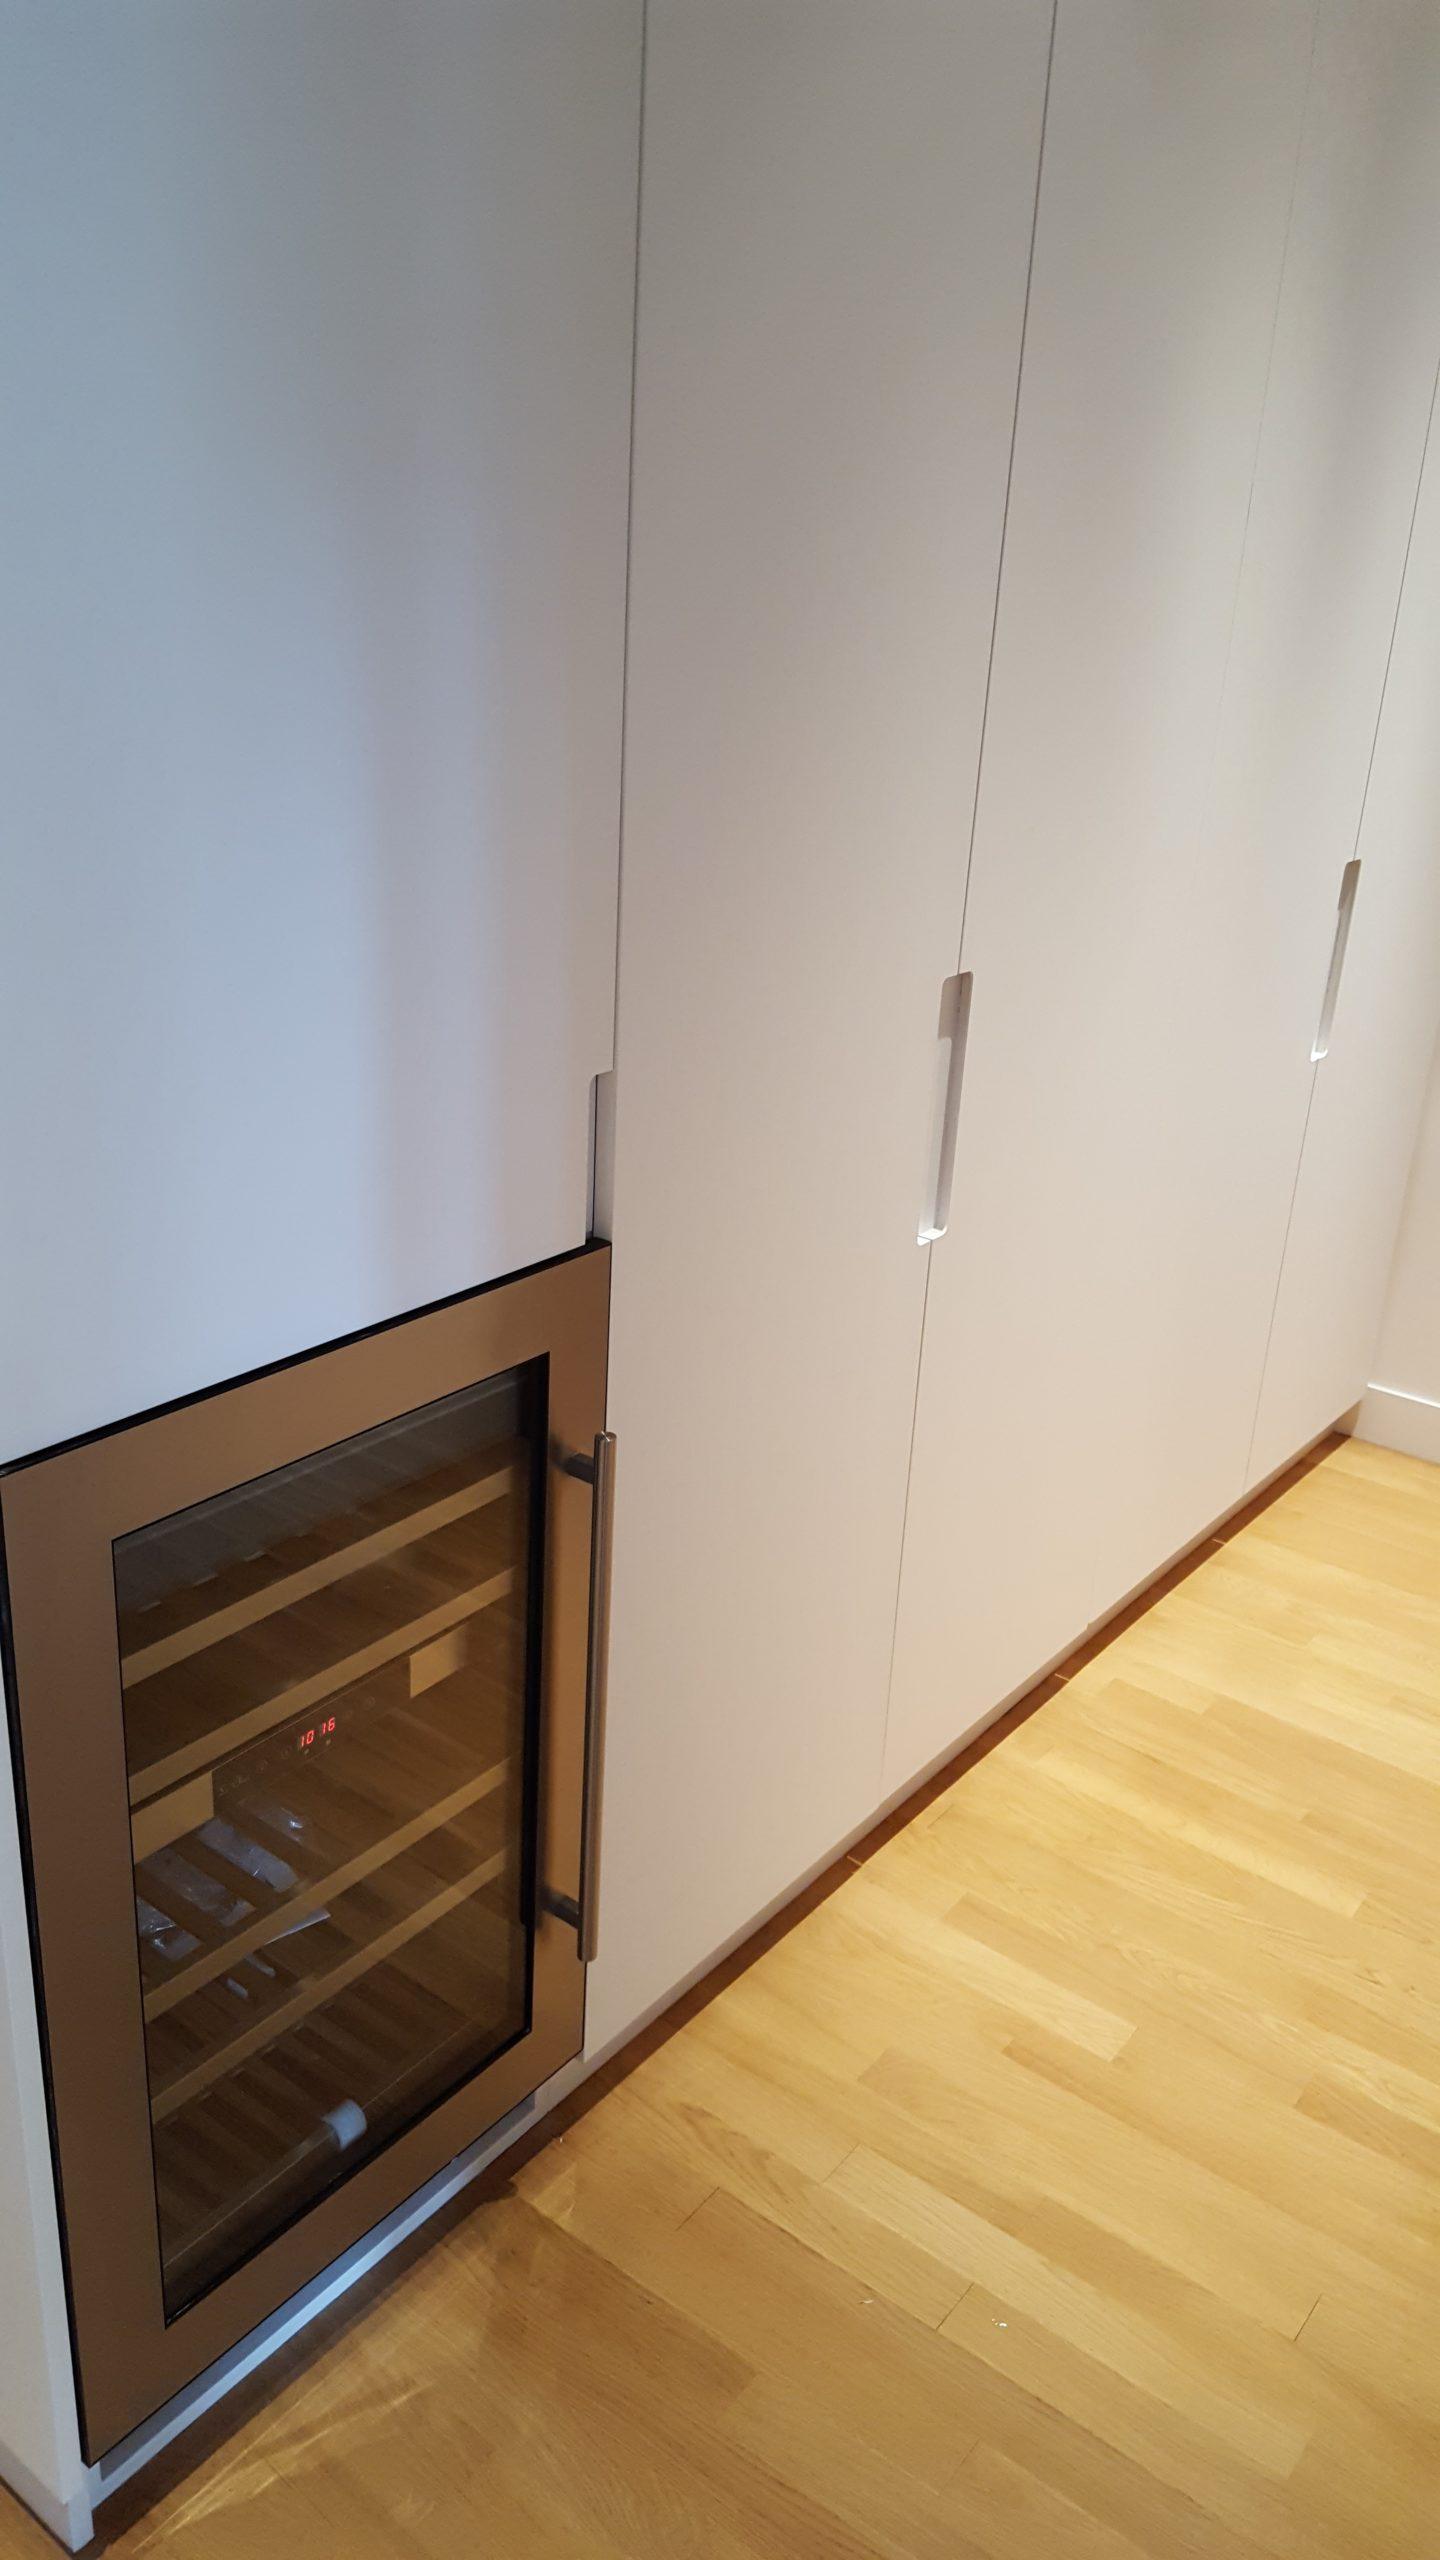 Vue de détail de meubles de cuisine encastrés